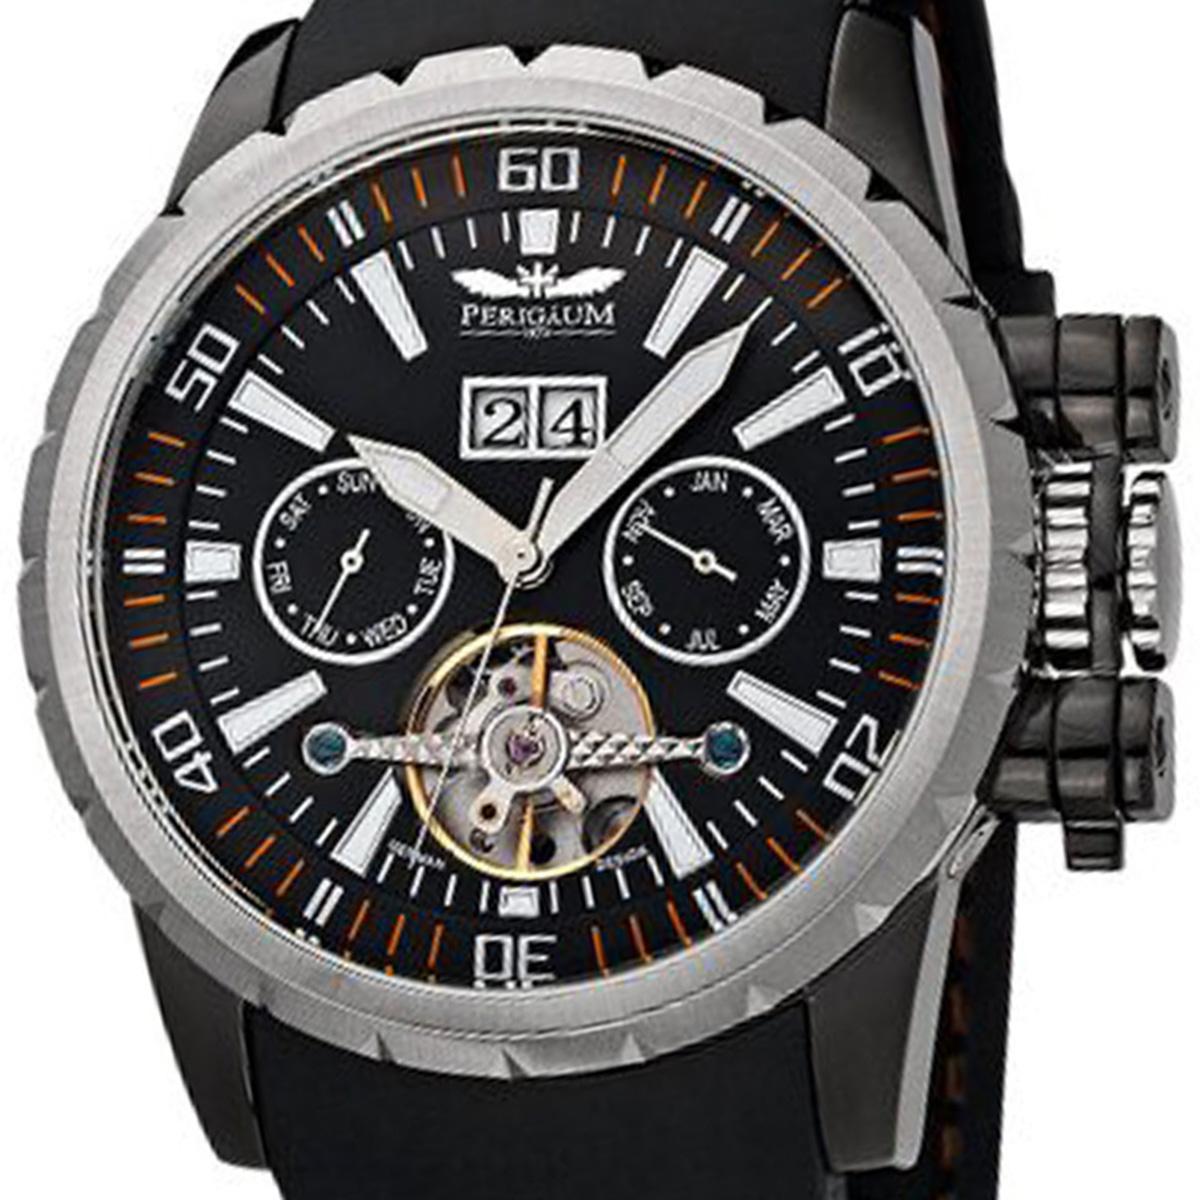 Perigaum ぺリガウム 自動巻き 腕時計 メンズ ウォッチ ドイツ [P-1108-AS-S-PU] 並行輸入品